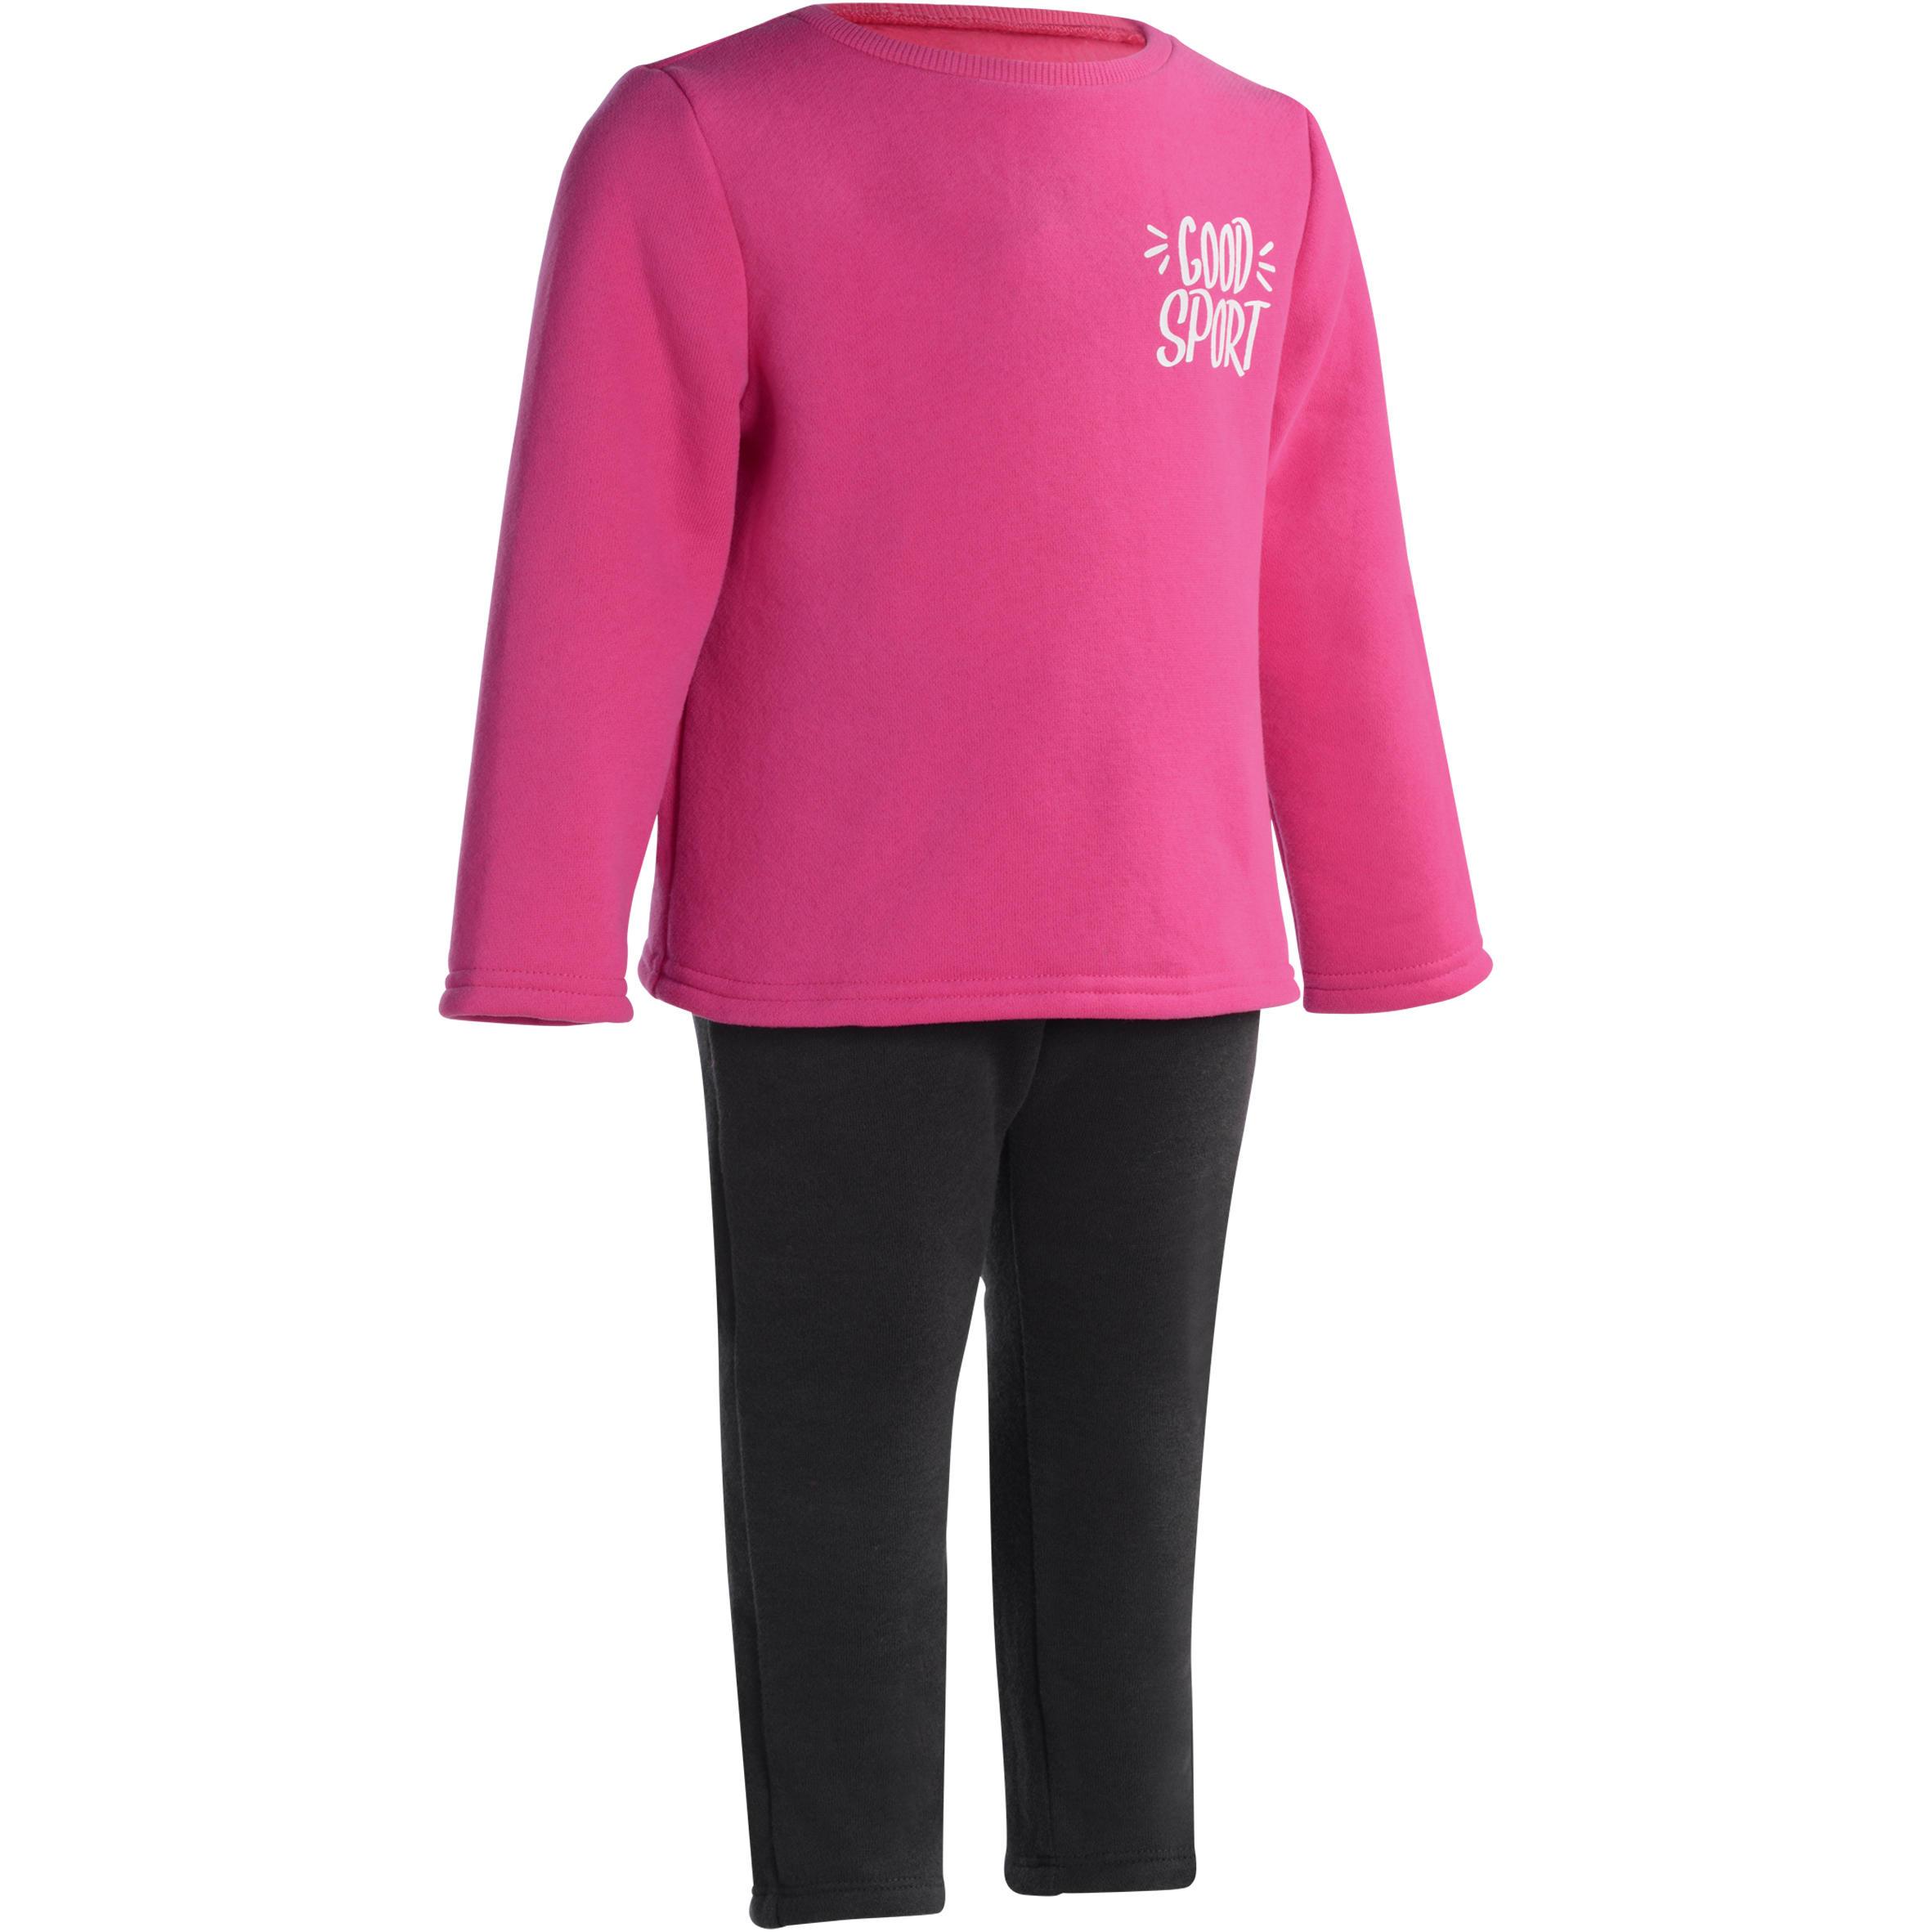 Traje cálido estampado de gimnasia infantil rosa Warm'y